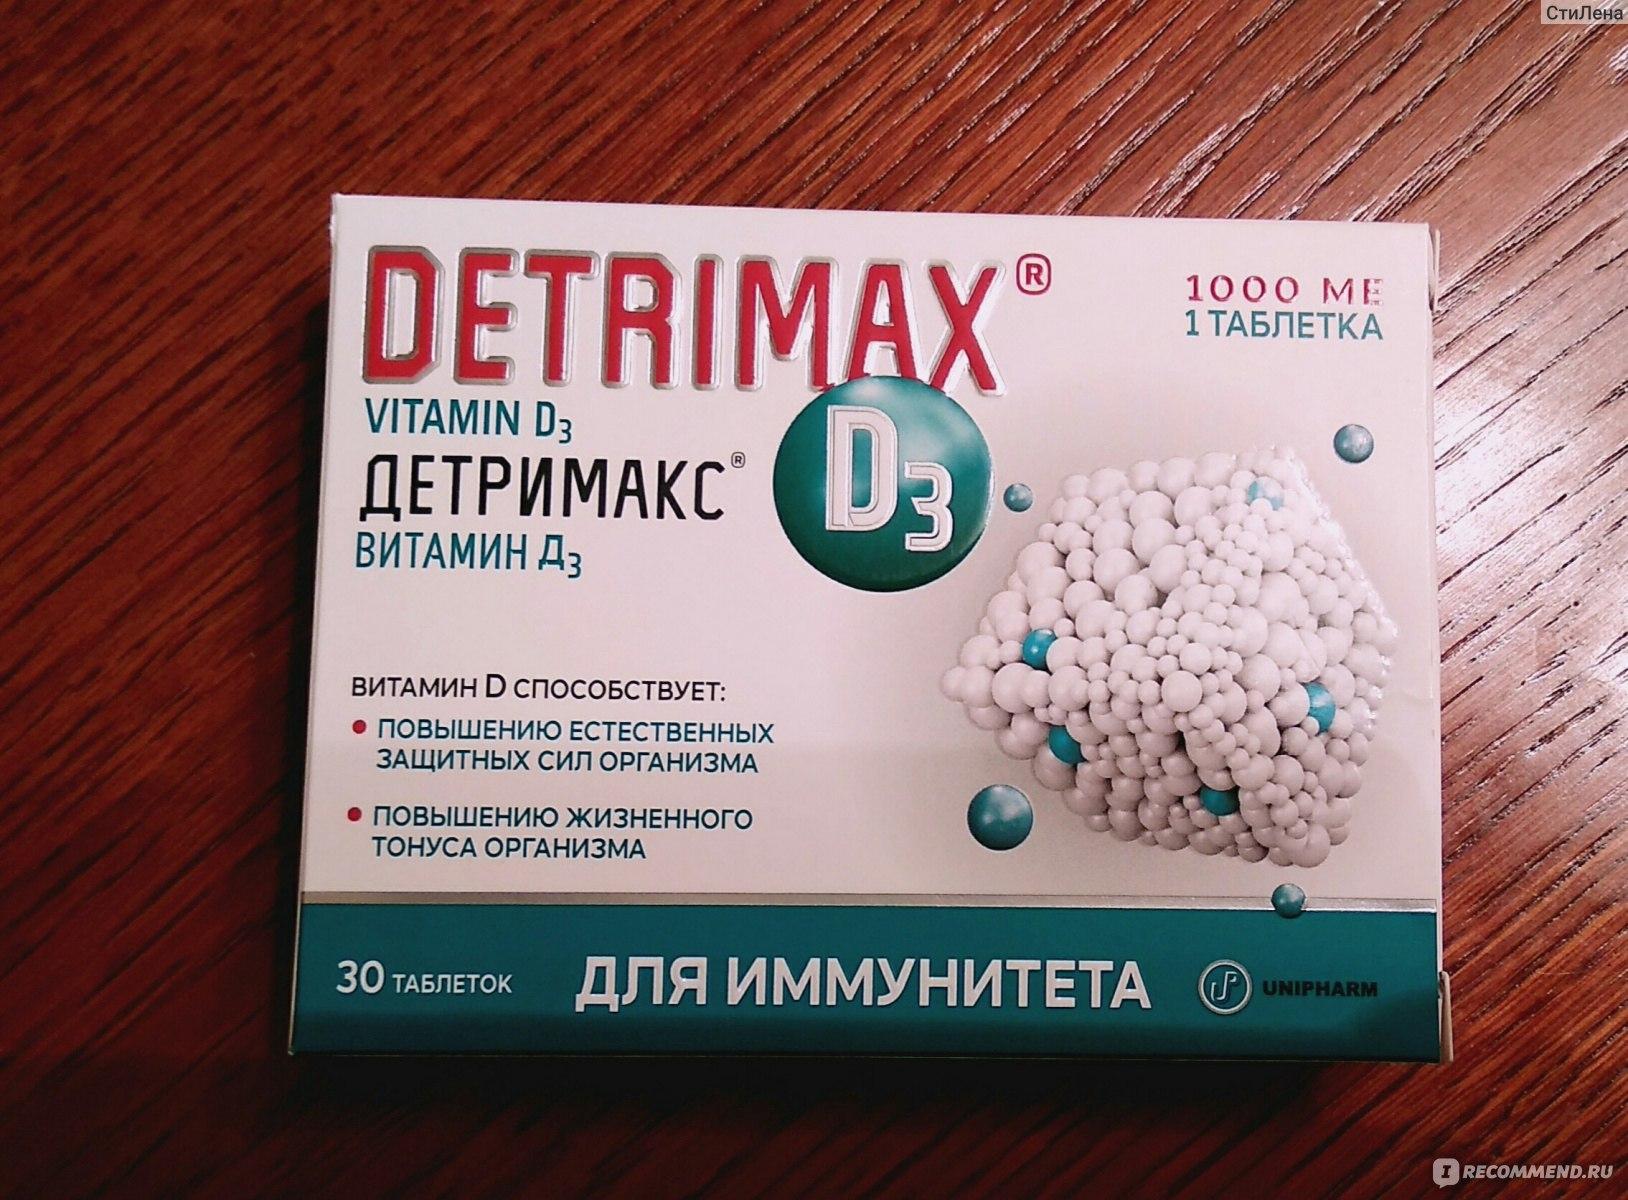 Детримакс d3 2000 ме таб. №60